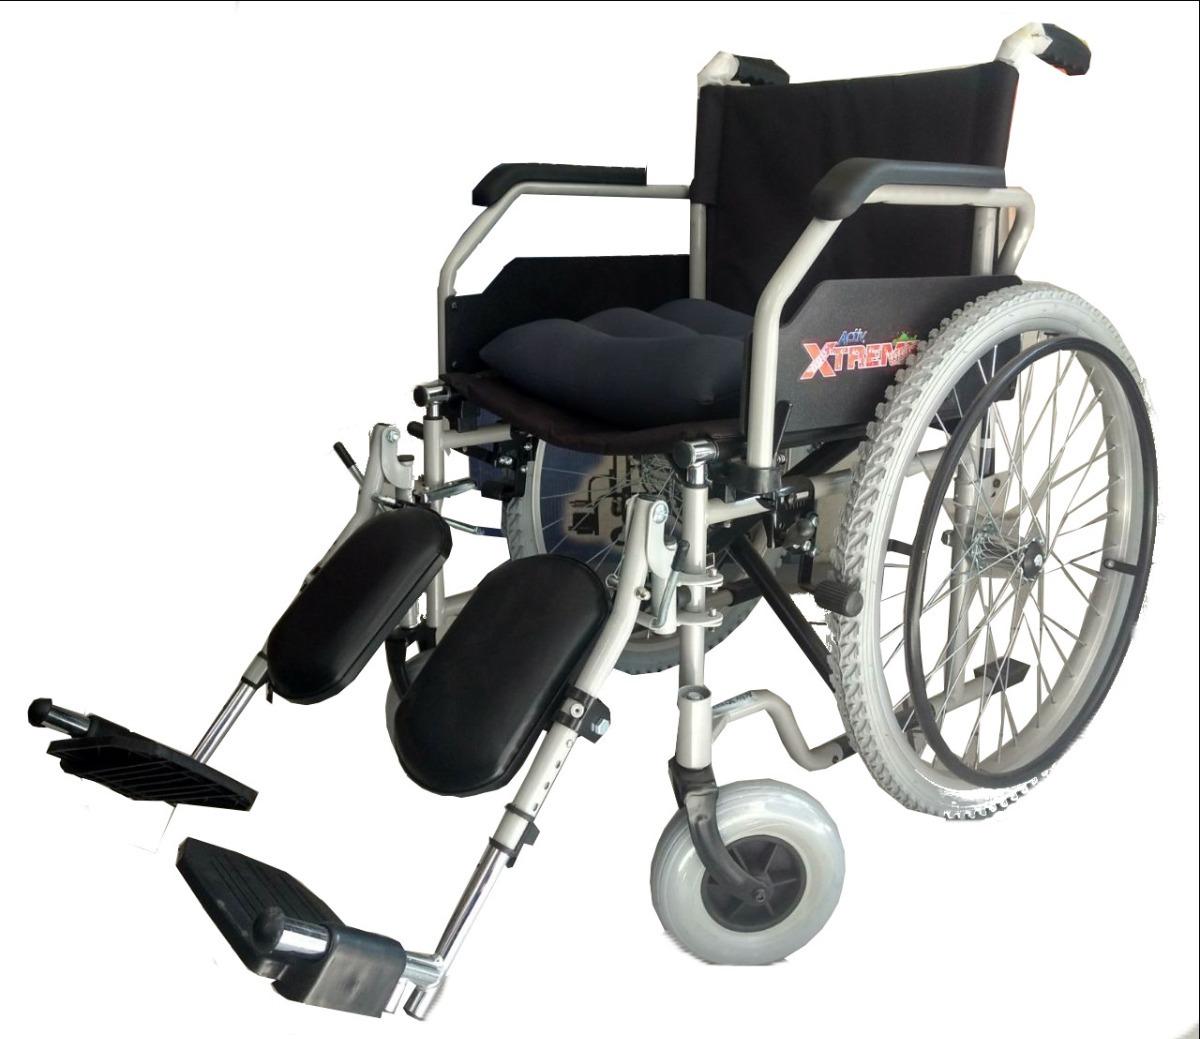 silla de ruedas xtreme